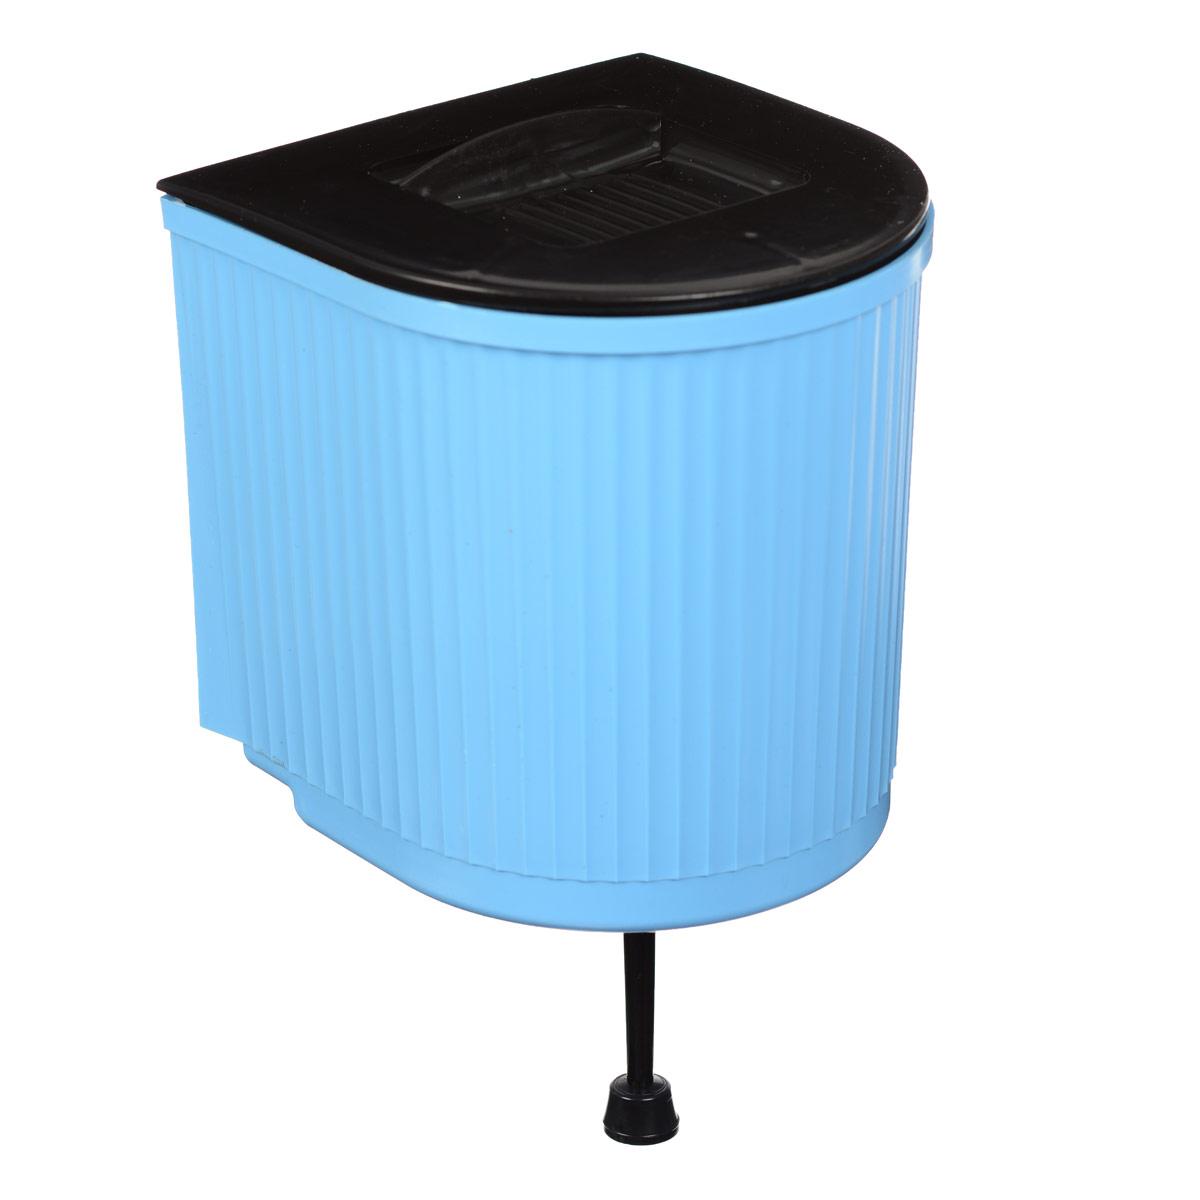 """Рукомойник """"Калита"""" изготовлен из пластика. Он предназначен для умывания в саду или на даче. Яркий и красочный, он отлично впишется в окружающую обстановку. Петли предоставляют вертикальное крепление рукомойника. Изделие оснащено крышкой, которая предотвращает попадание мусора. Также на крышке имеется выемка для мыла. Рукомойник """"Калита надежный и удобный в использовании.Объем: 5 л.Размер рукомойника: 20 см х 19 см.Высота (без учета крышки): 20 см."""